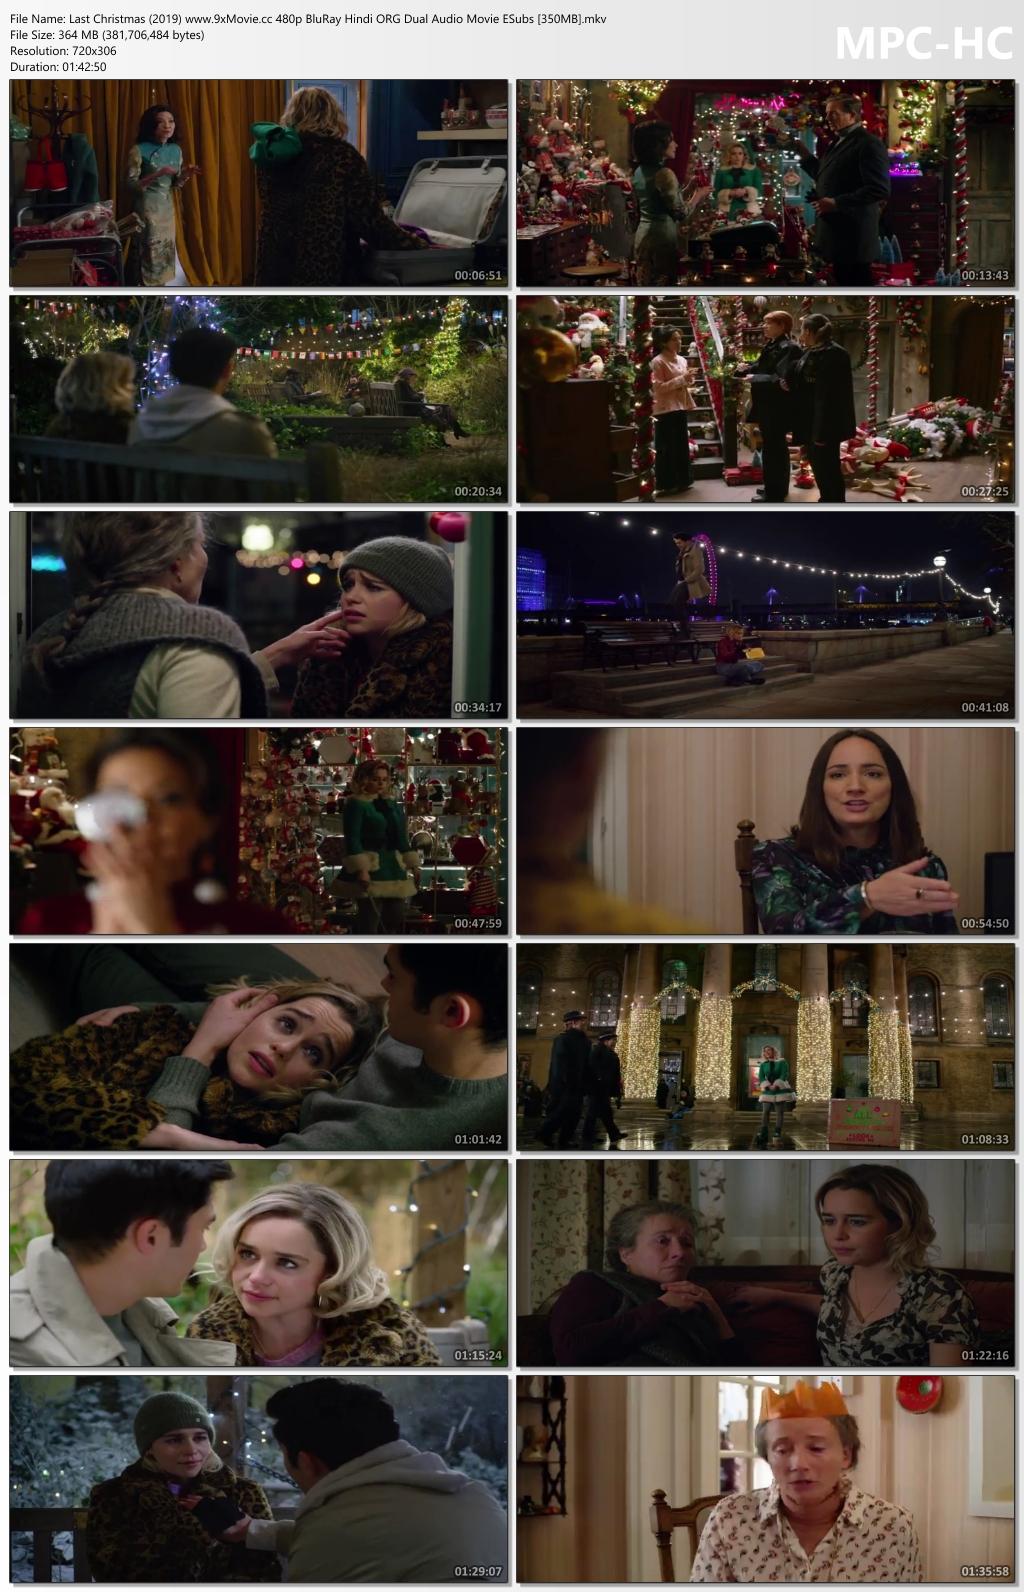 Last-Christmas-2019-www-9x-Movie-cc-480p-Blu-Ray-Hindi-ORG-Dual-Audio-Movie-ESubs-350-MB-mkv